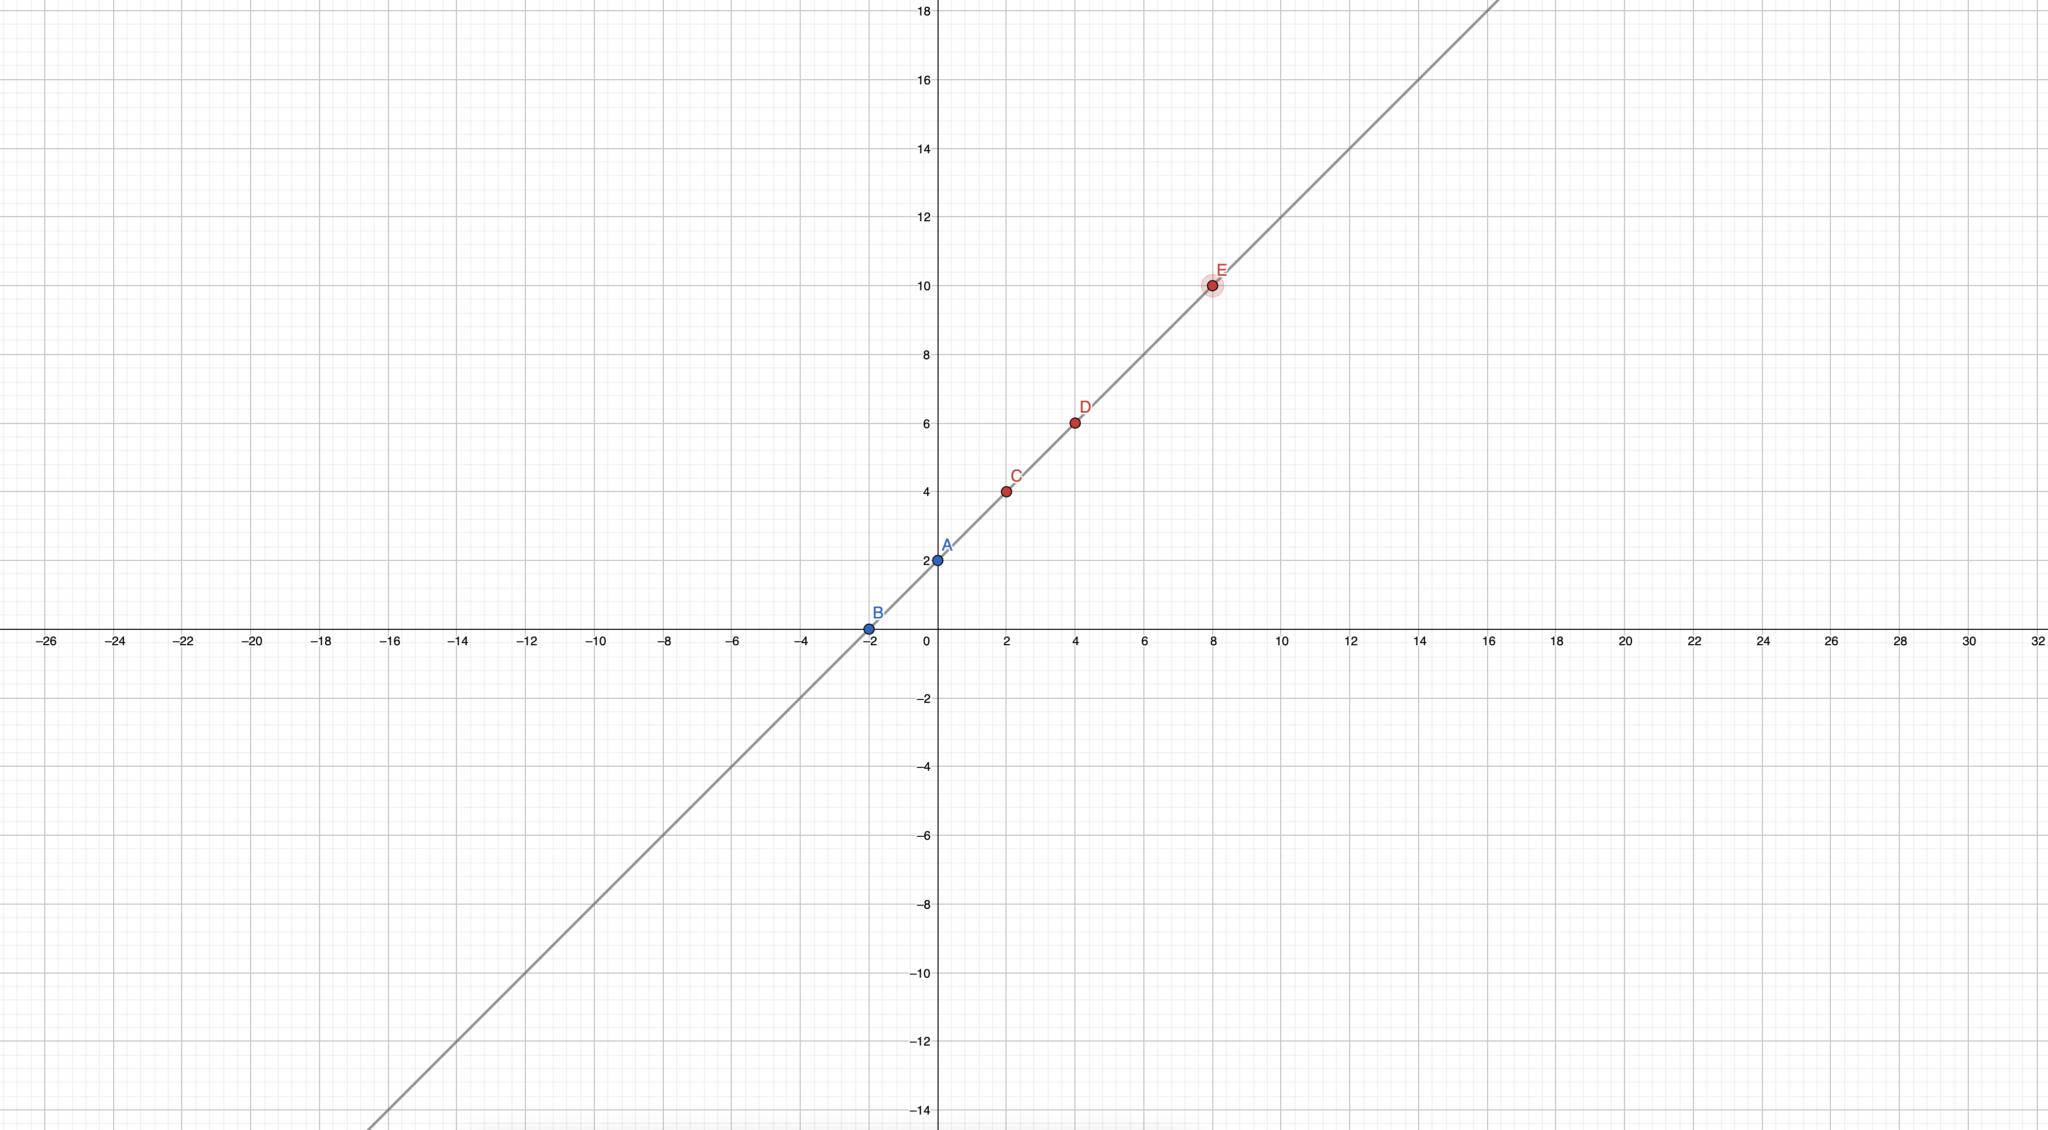 Początkowe punkty na osi